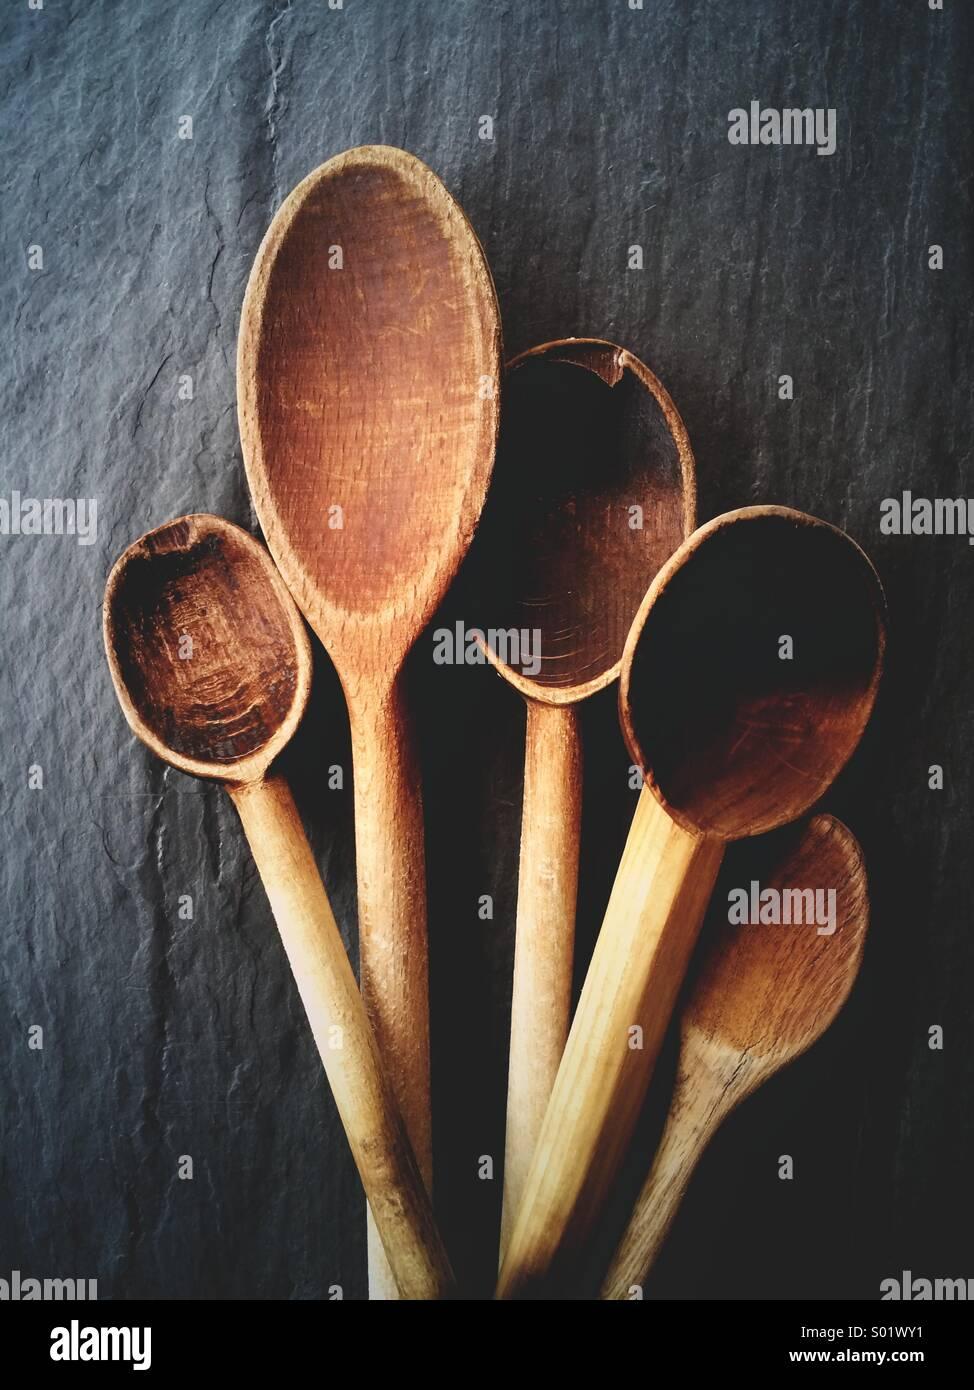 Schöne alte Holzlöffel zum Kochen auf Schiefer Hintergrund. Stockbild